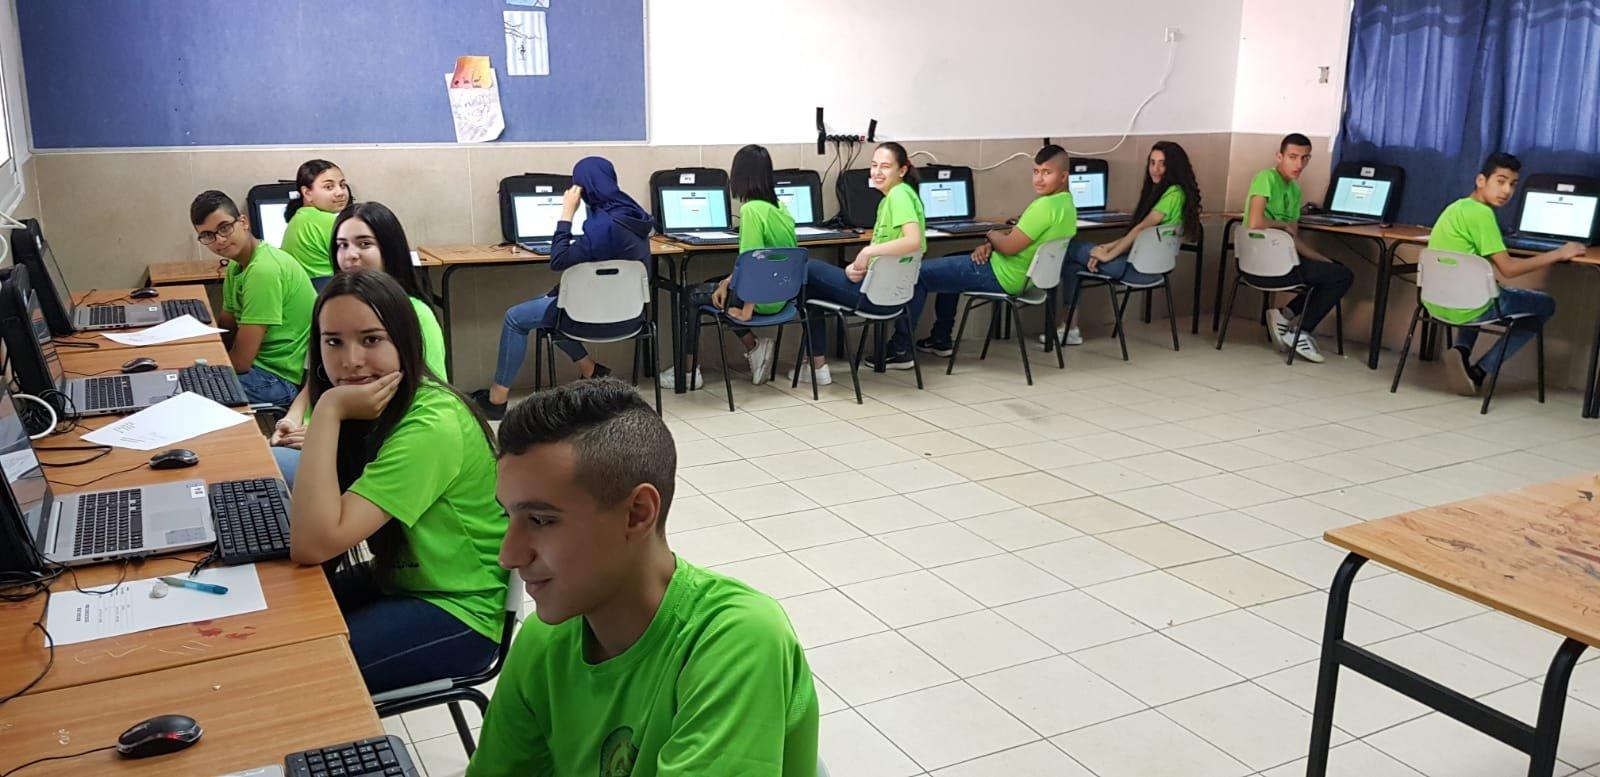 التيمز  امتحان دولي يقيّم مستوى طلاب الصّف الثّامن في الرّياضيّات والعلوم